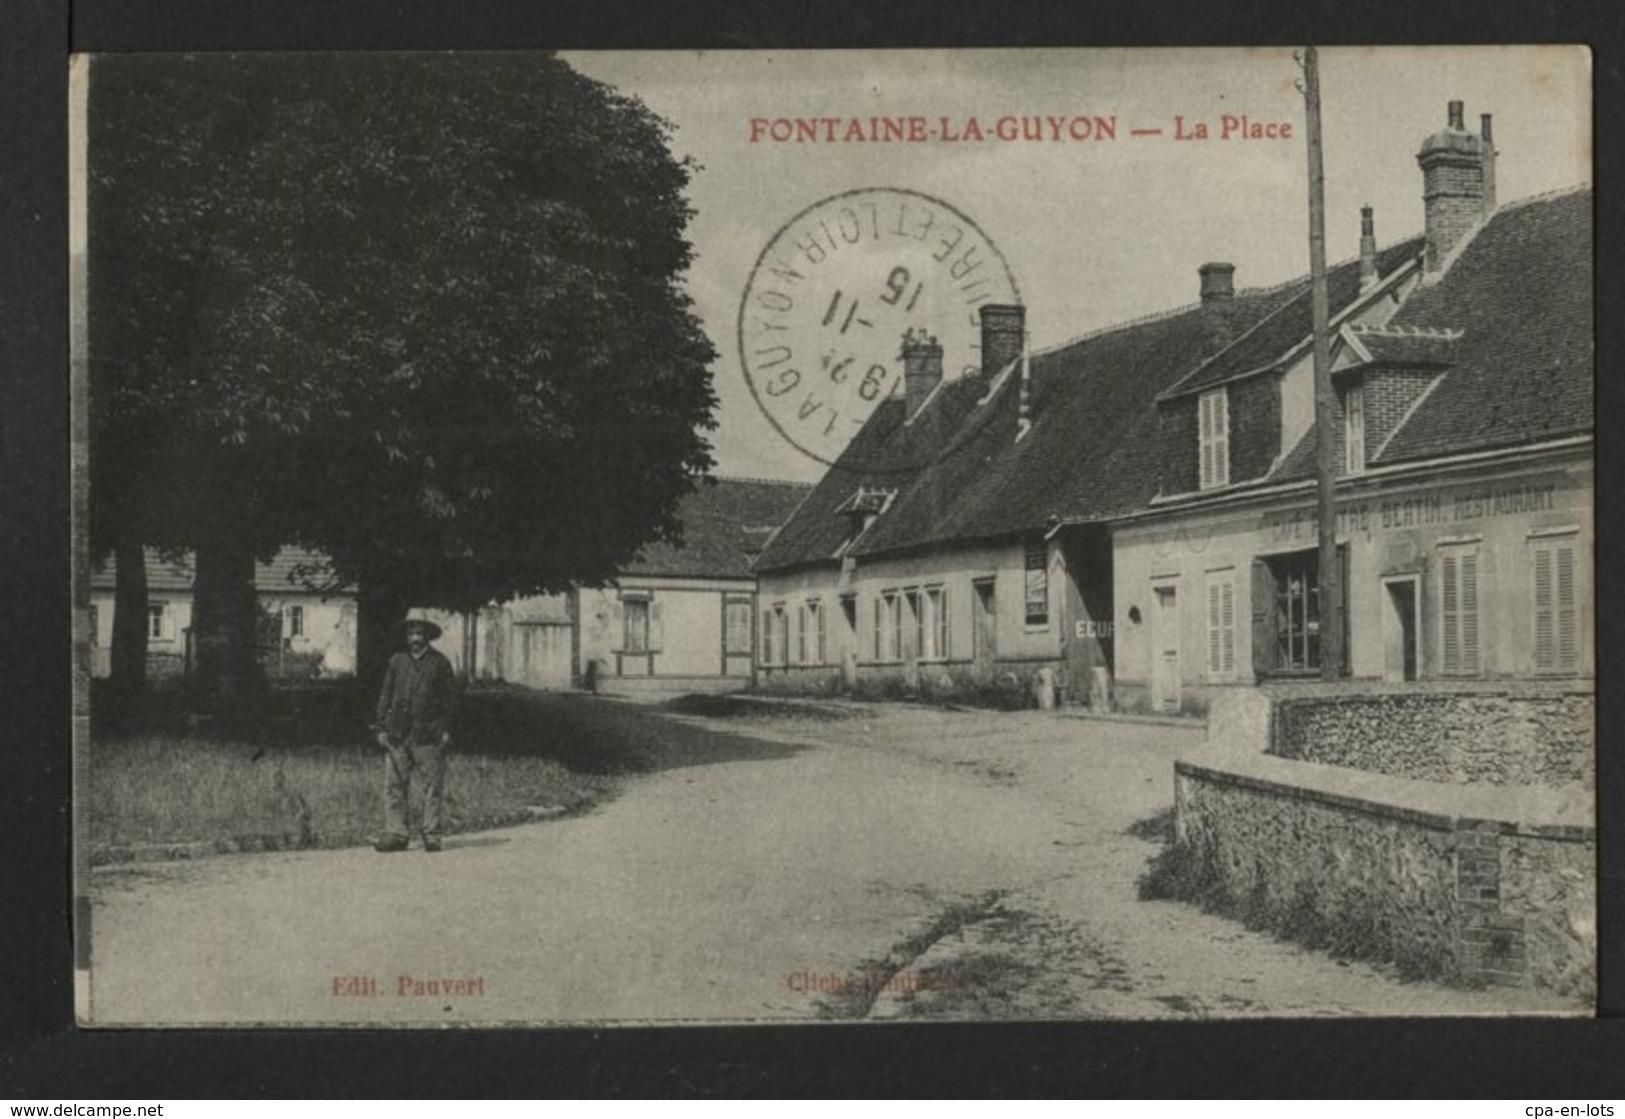 CPAENLOTS - 053 - SPLENDIDE LOT De 60 CPA !!!!! ( + 60 CPA Gratuites ) Avec Très BELLES CPA Animations / GRUSS / ORENS - Postcards